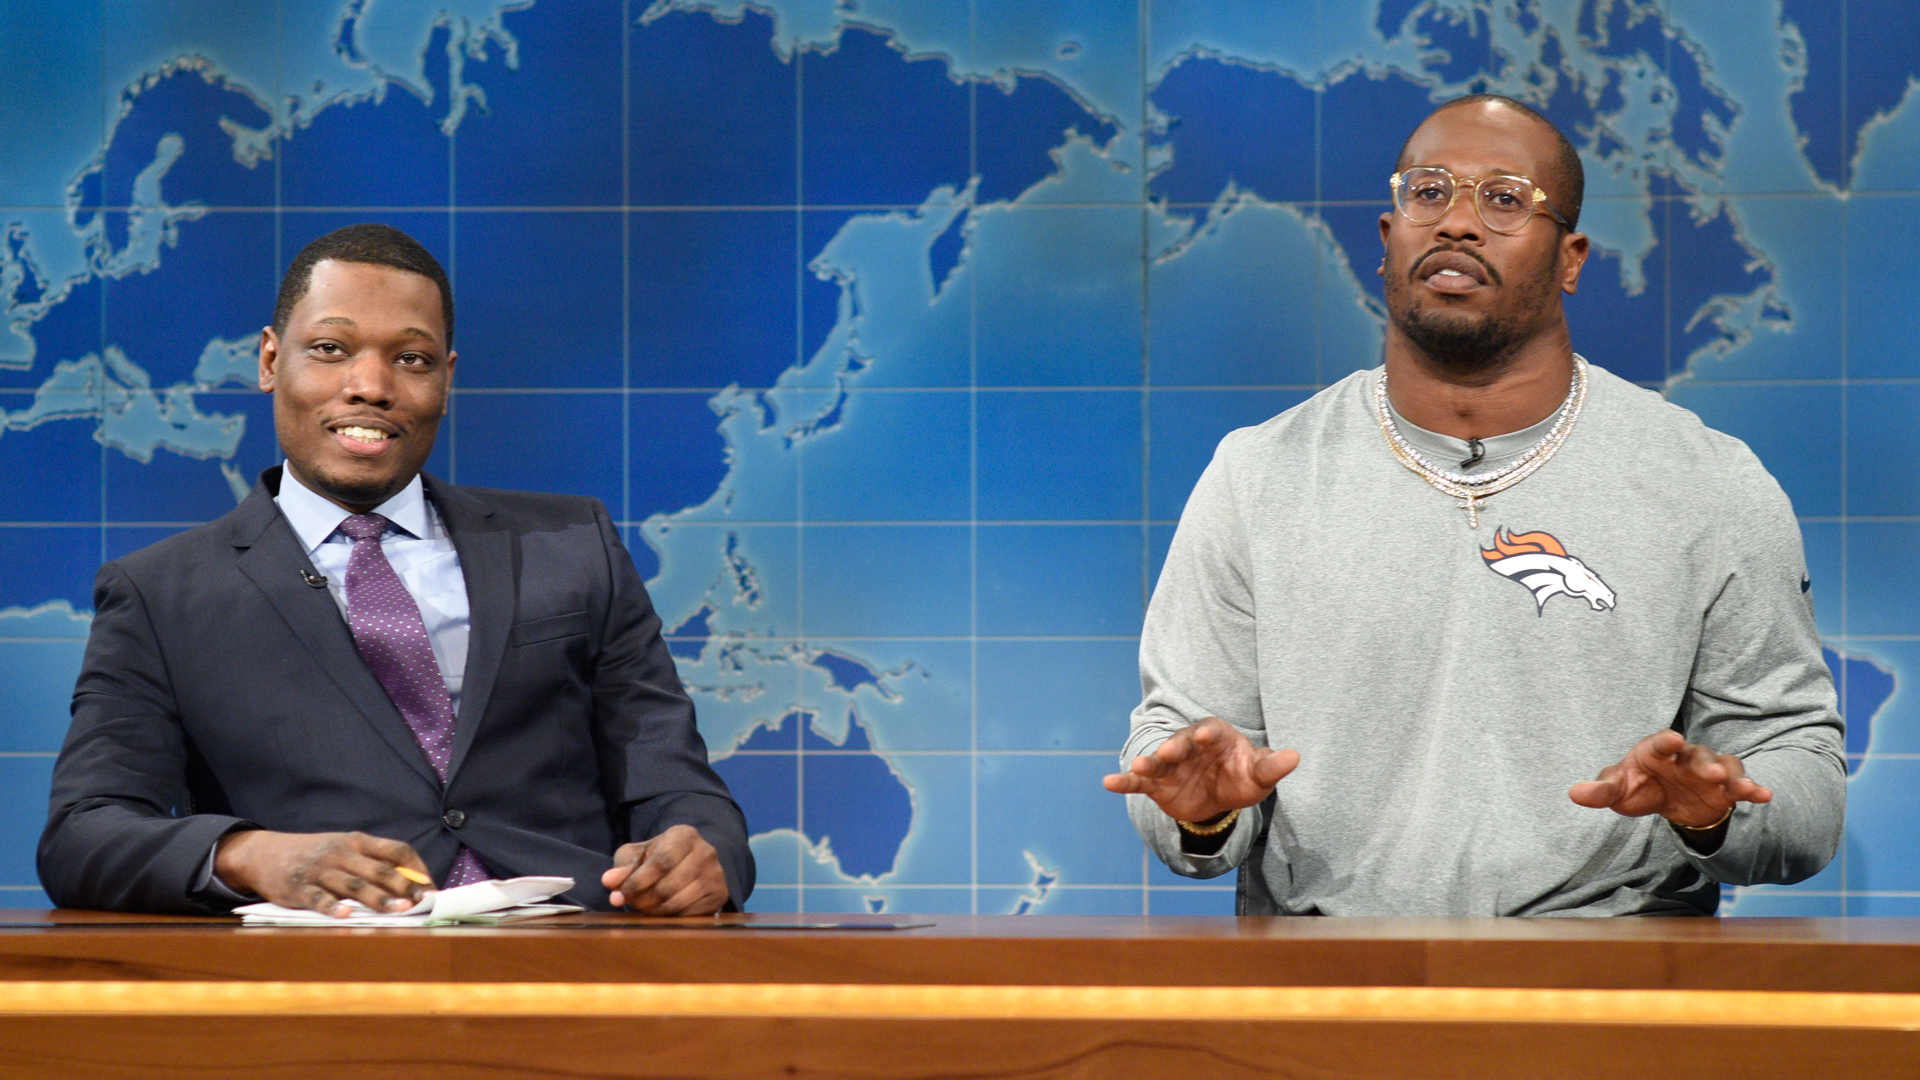 Watch Weekend Update: Von Miller From Saturday Night Live ...